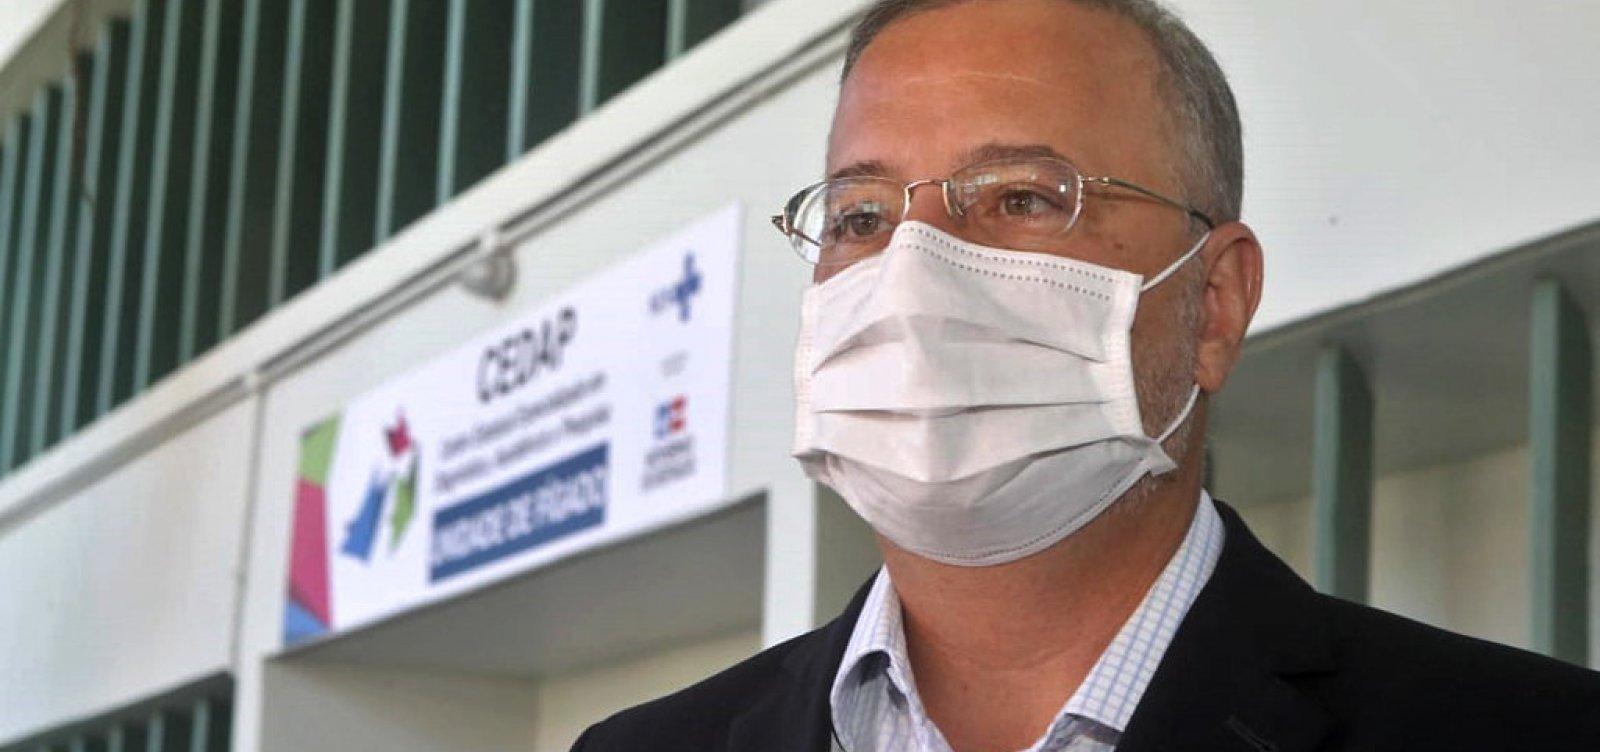 [Secretário de Saúde da Bahia alerta para alta ocupação de leitos de UTI para Covid-19 no estado]